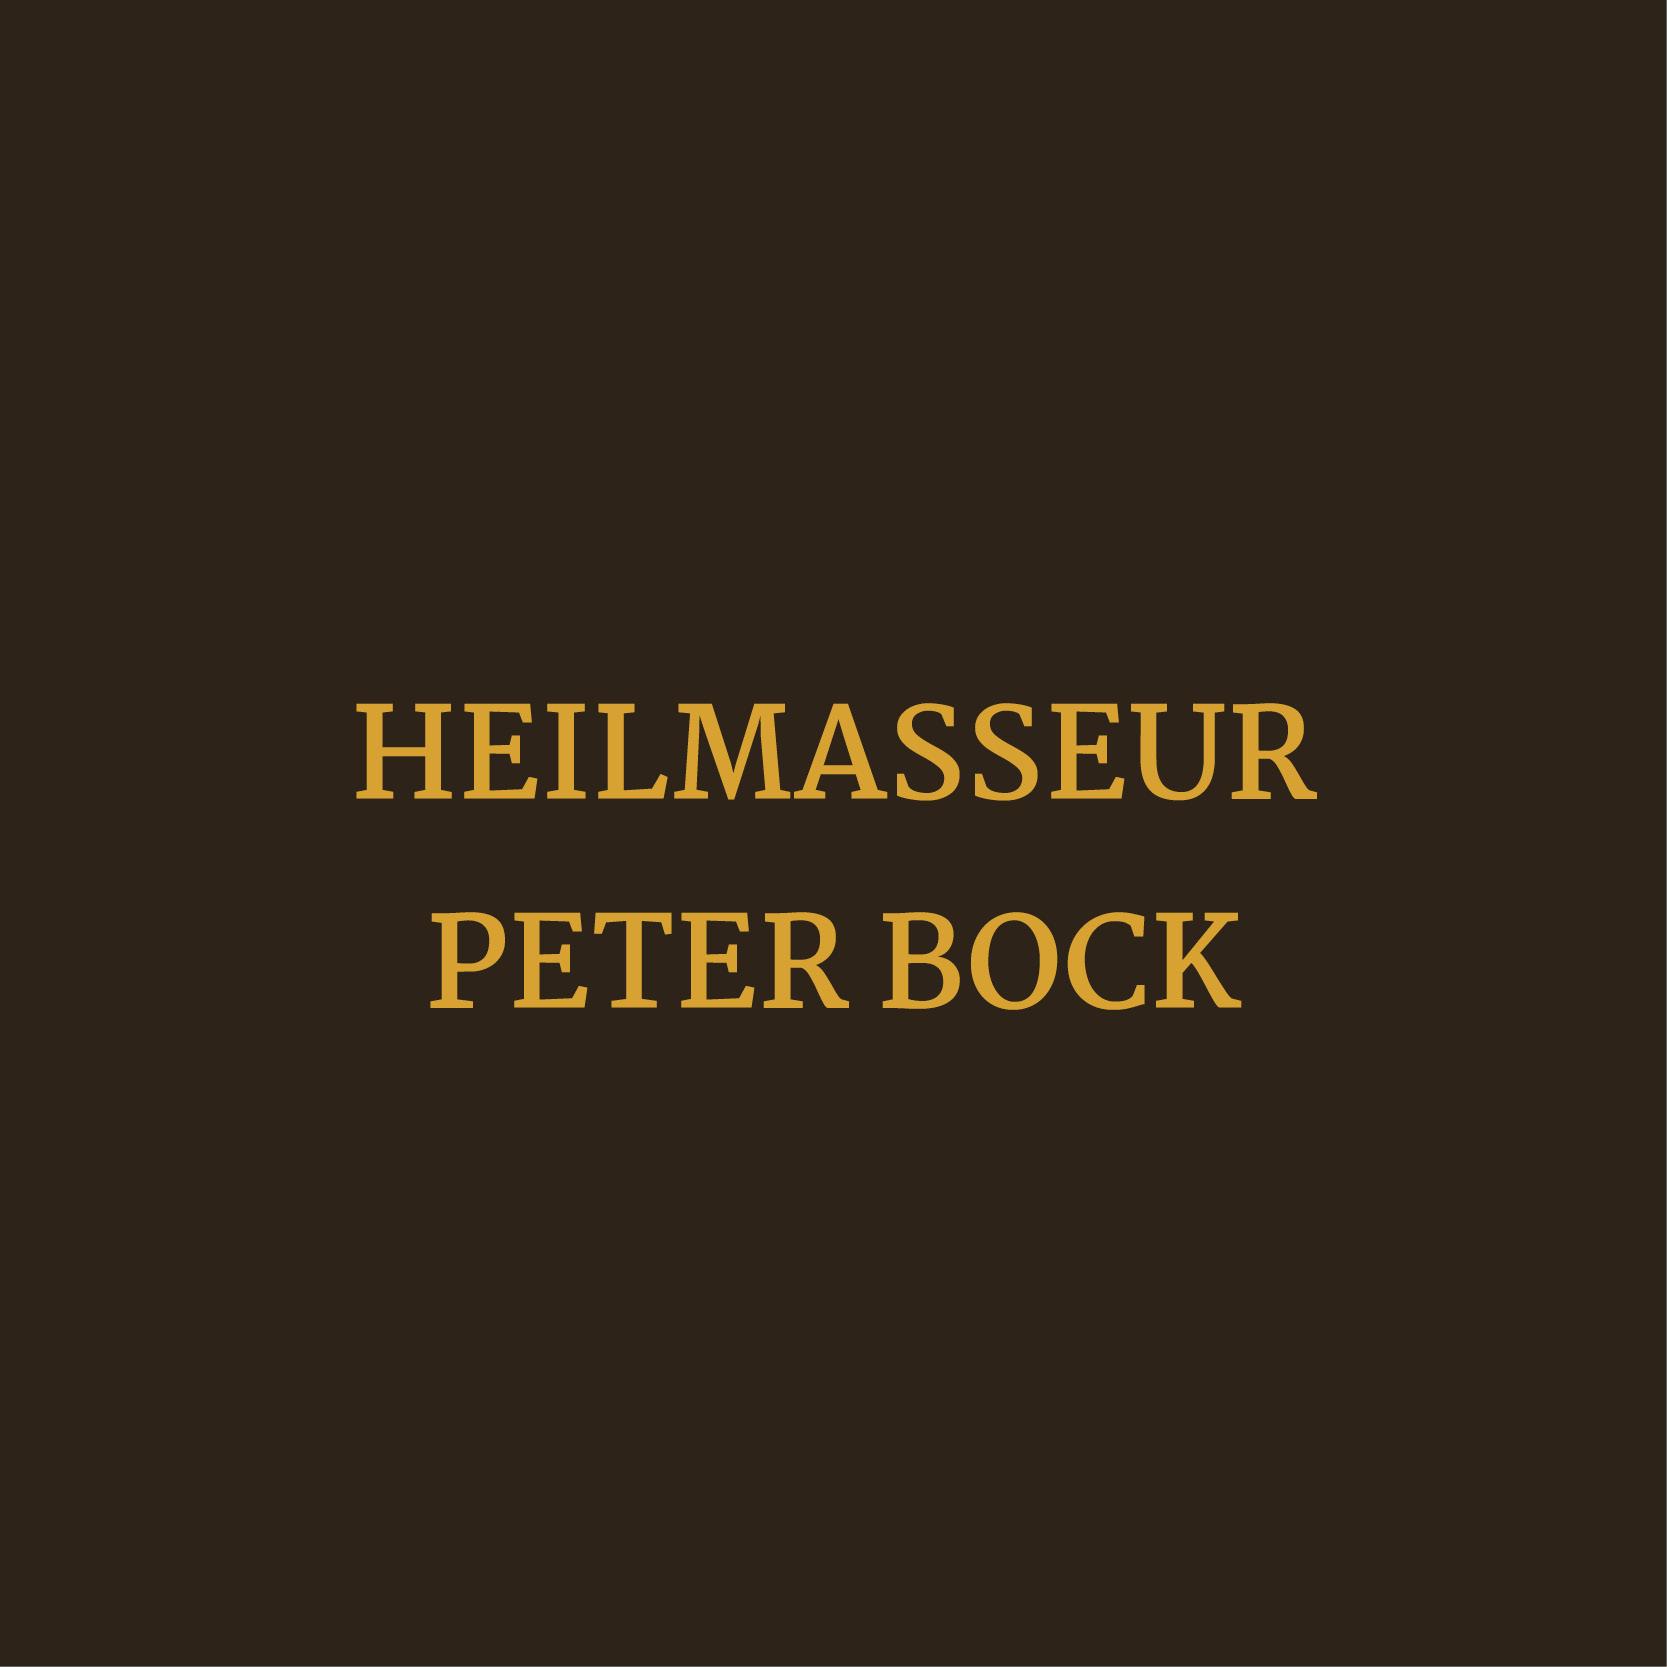 Beauty Fitness Button 13 Heilmasseur Peter Bock